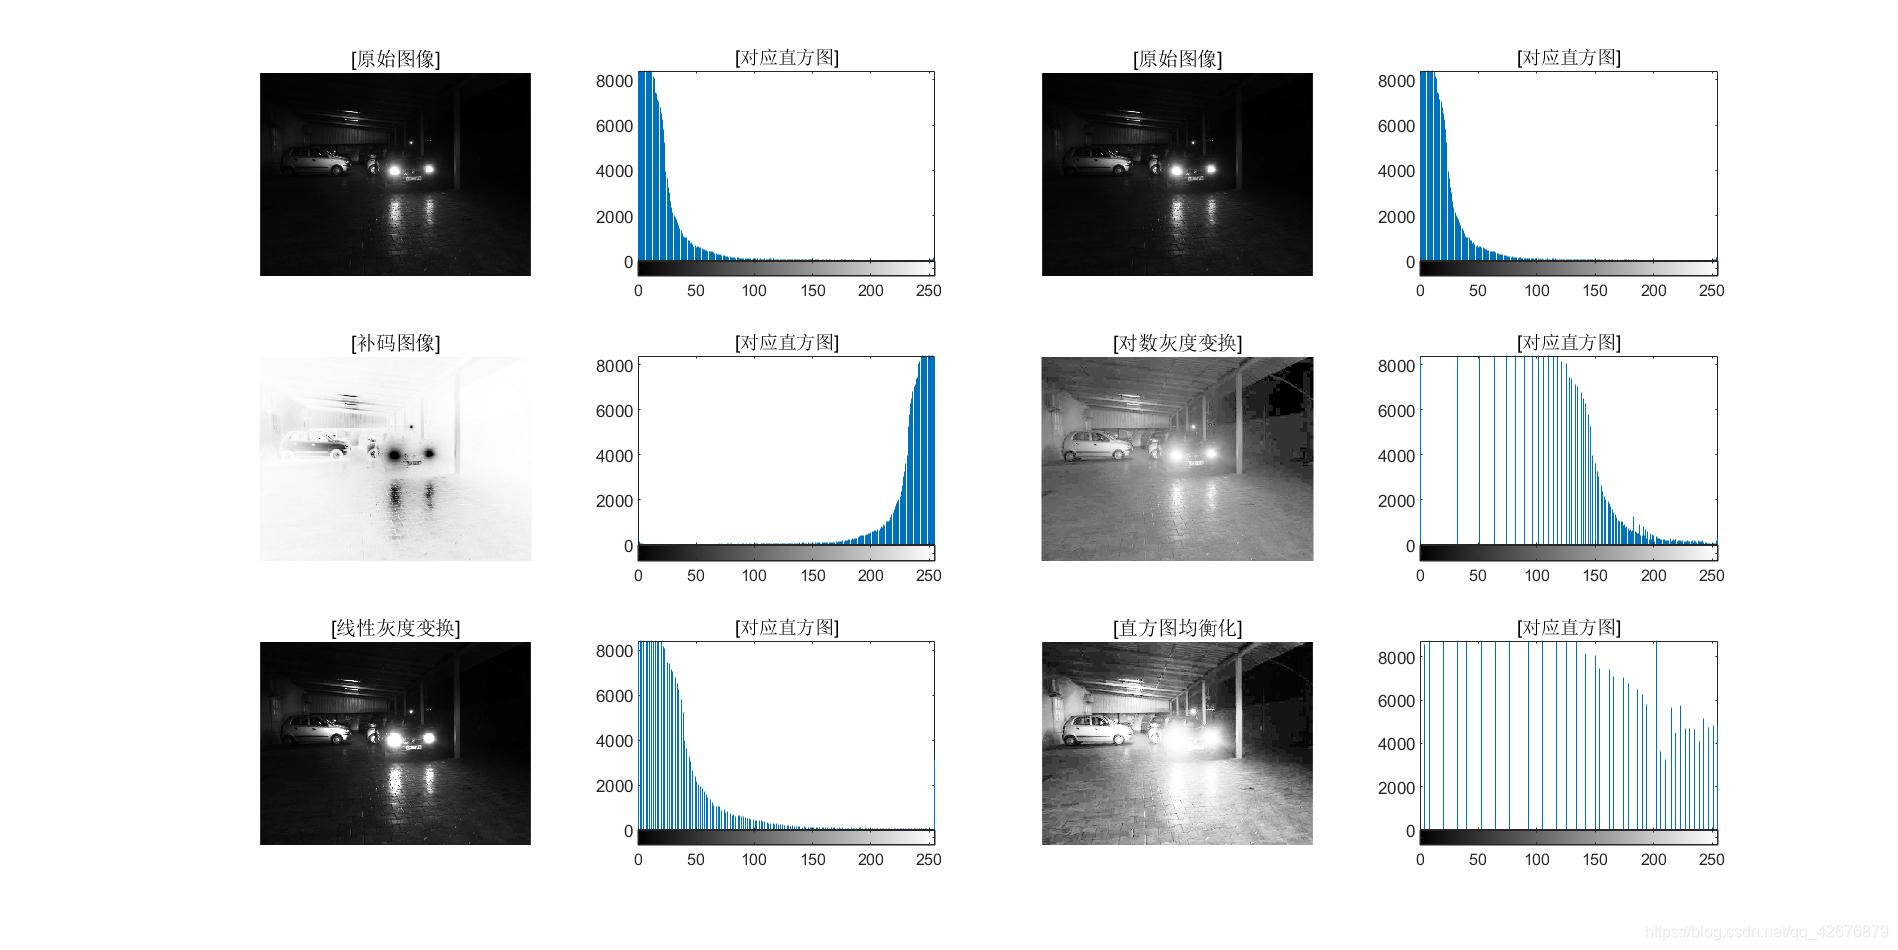 """图1-3 """"车库""""图像的灰度变换及其直方图均衡化"""